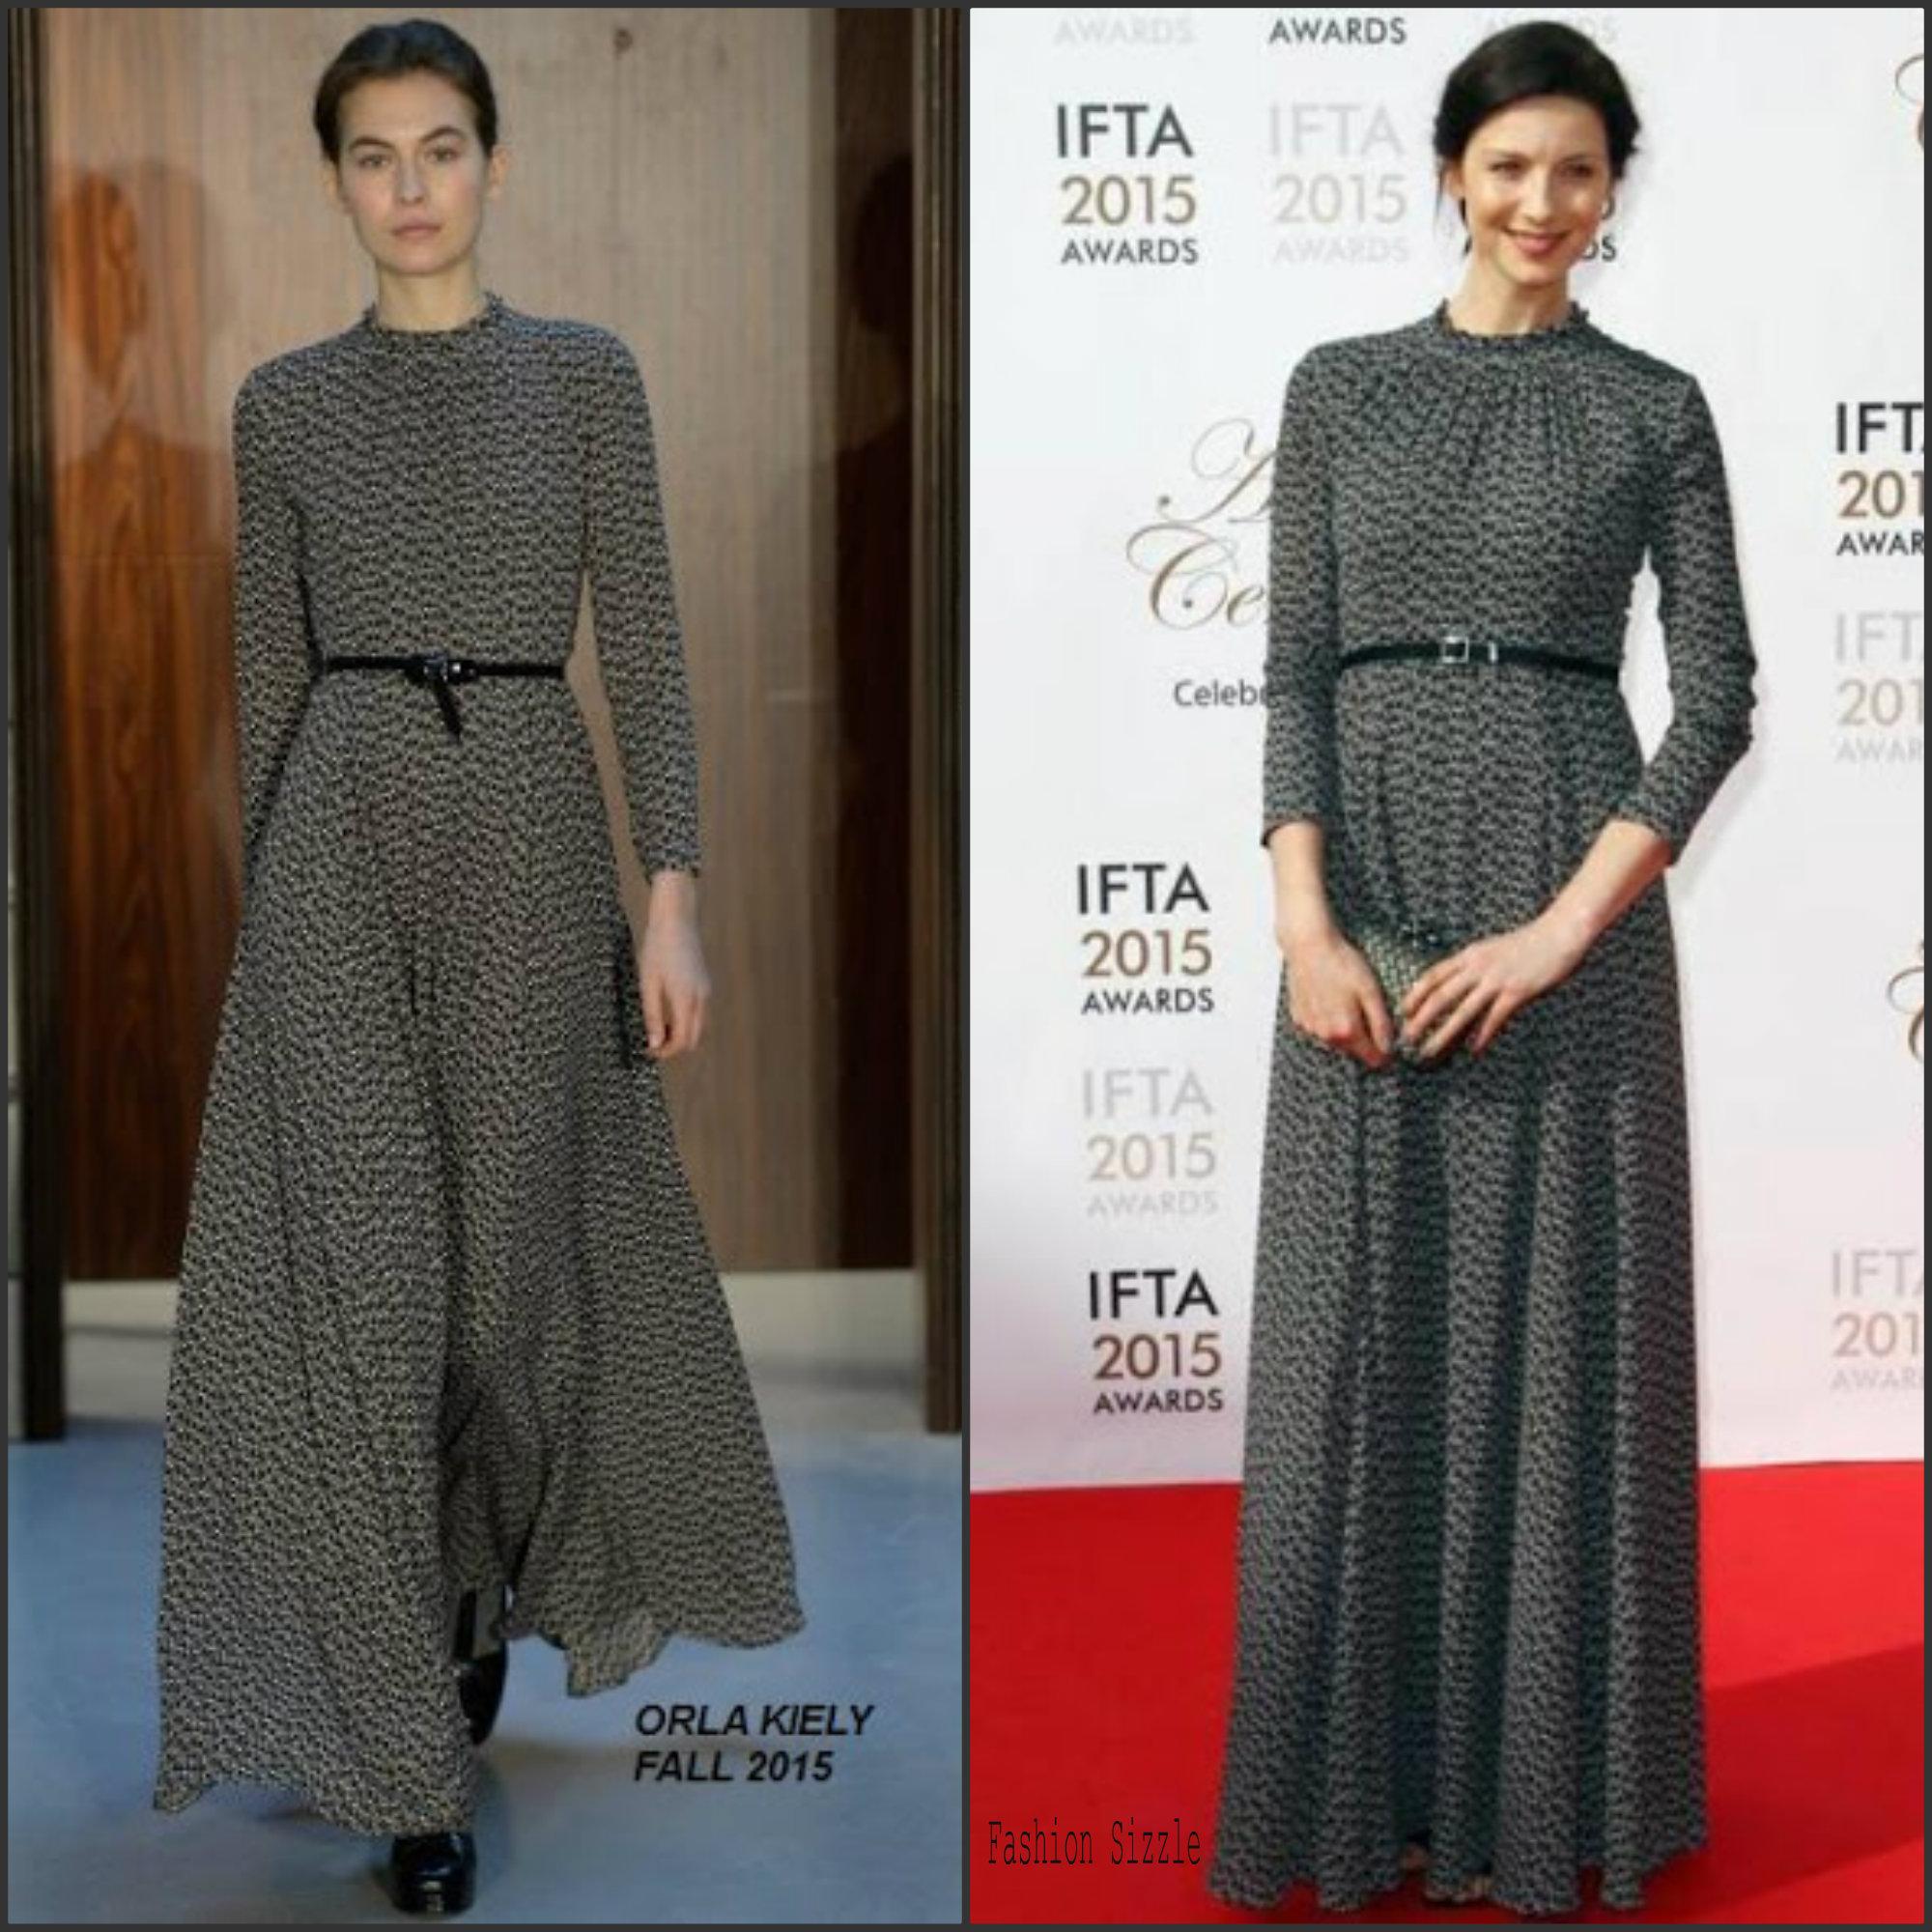 caitriona-balfe-in-orla-kiely-at-the-irish-film-and-drama-awards